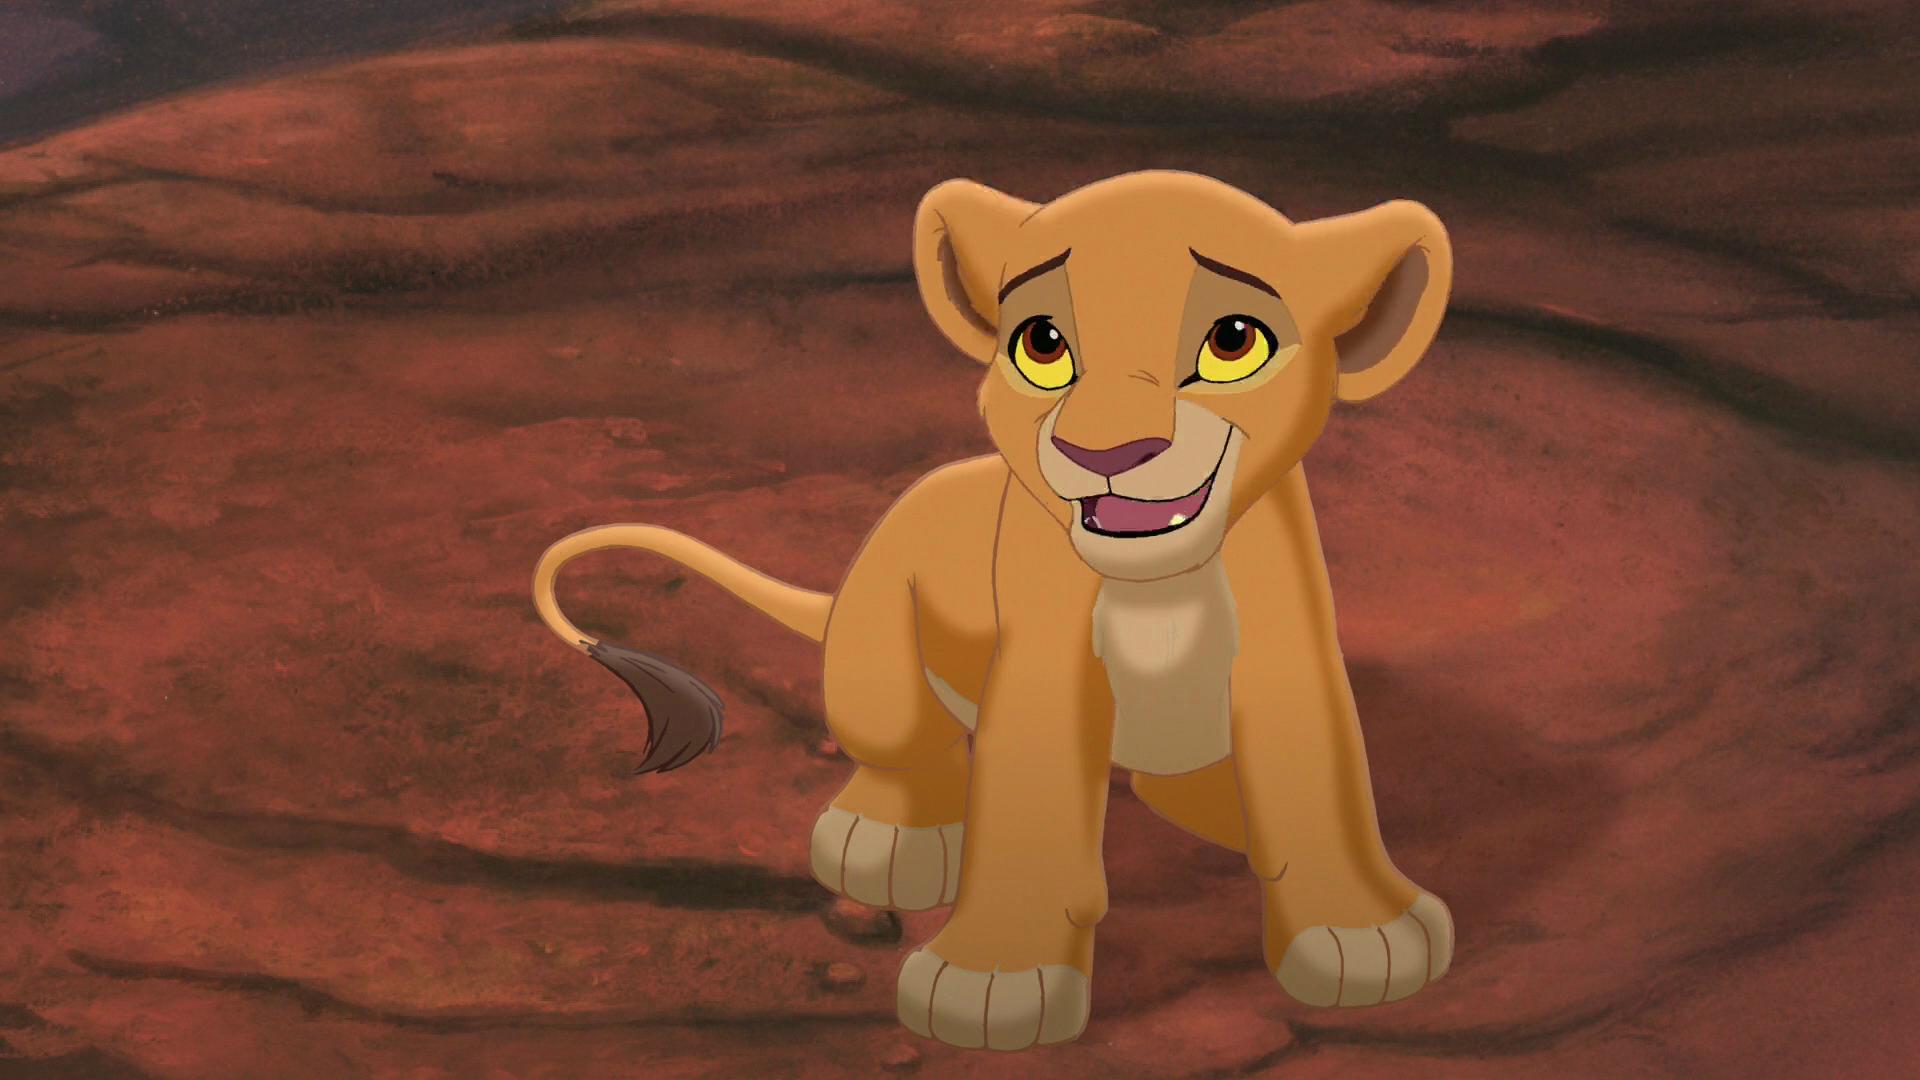 Kiara - The Lion King